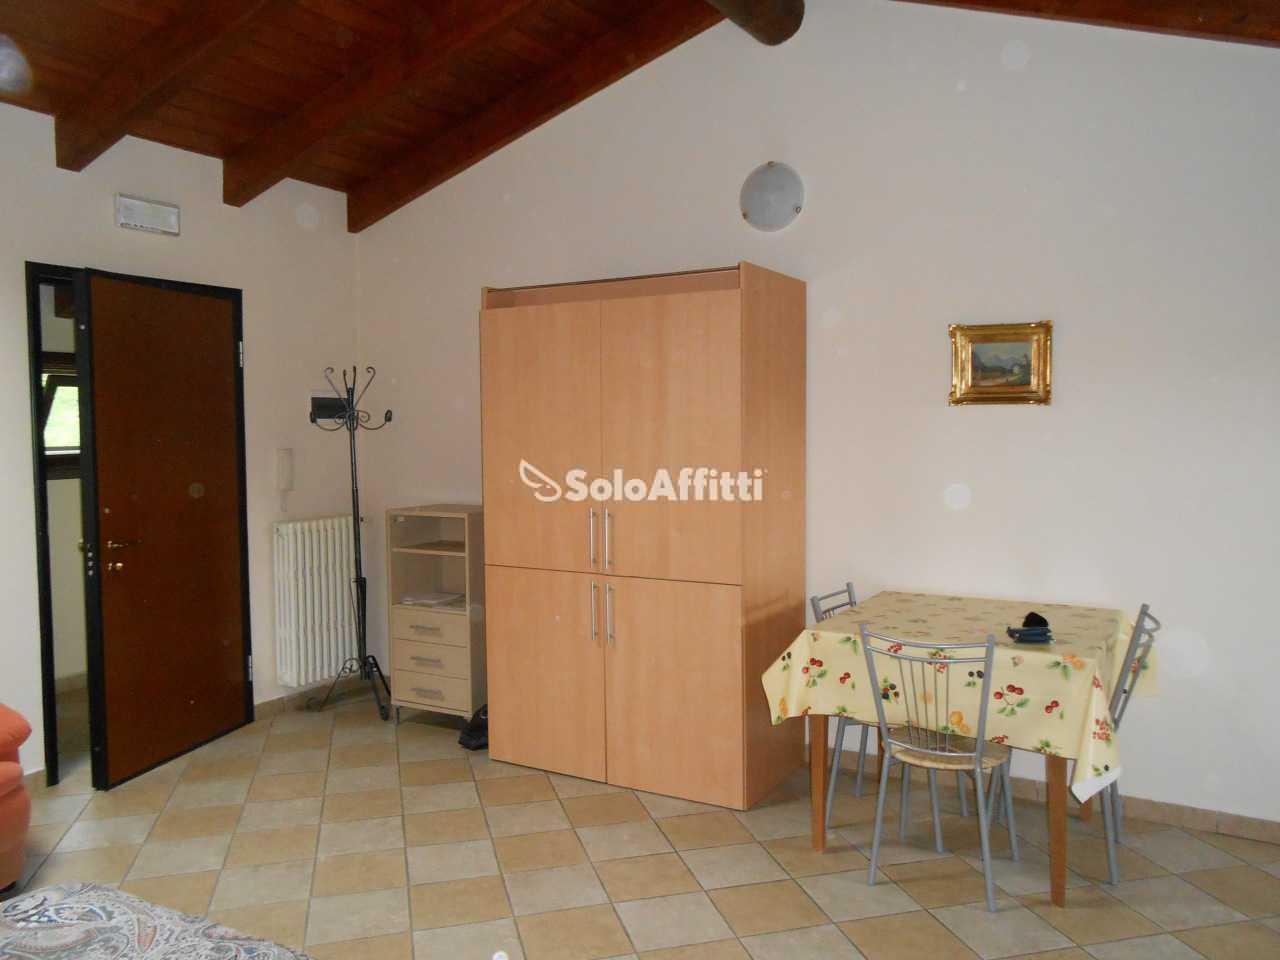 Monolocale - Garconier PAVIA affitto  Stazione  Erredi di Domanico Silvana D.I.